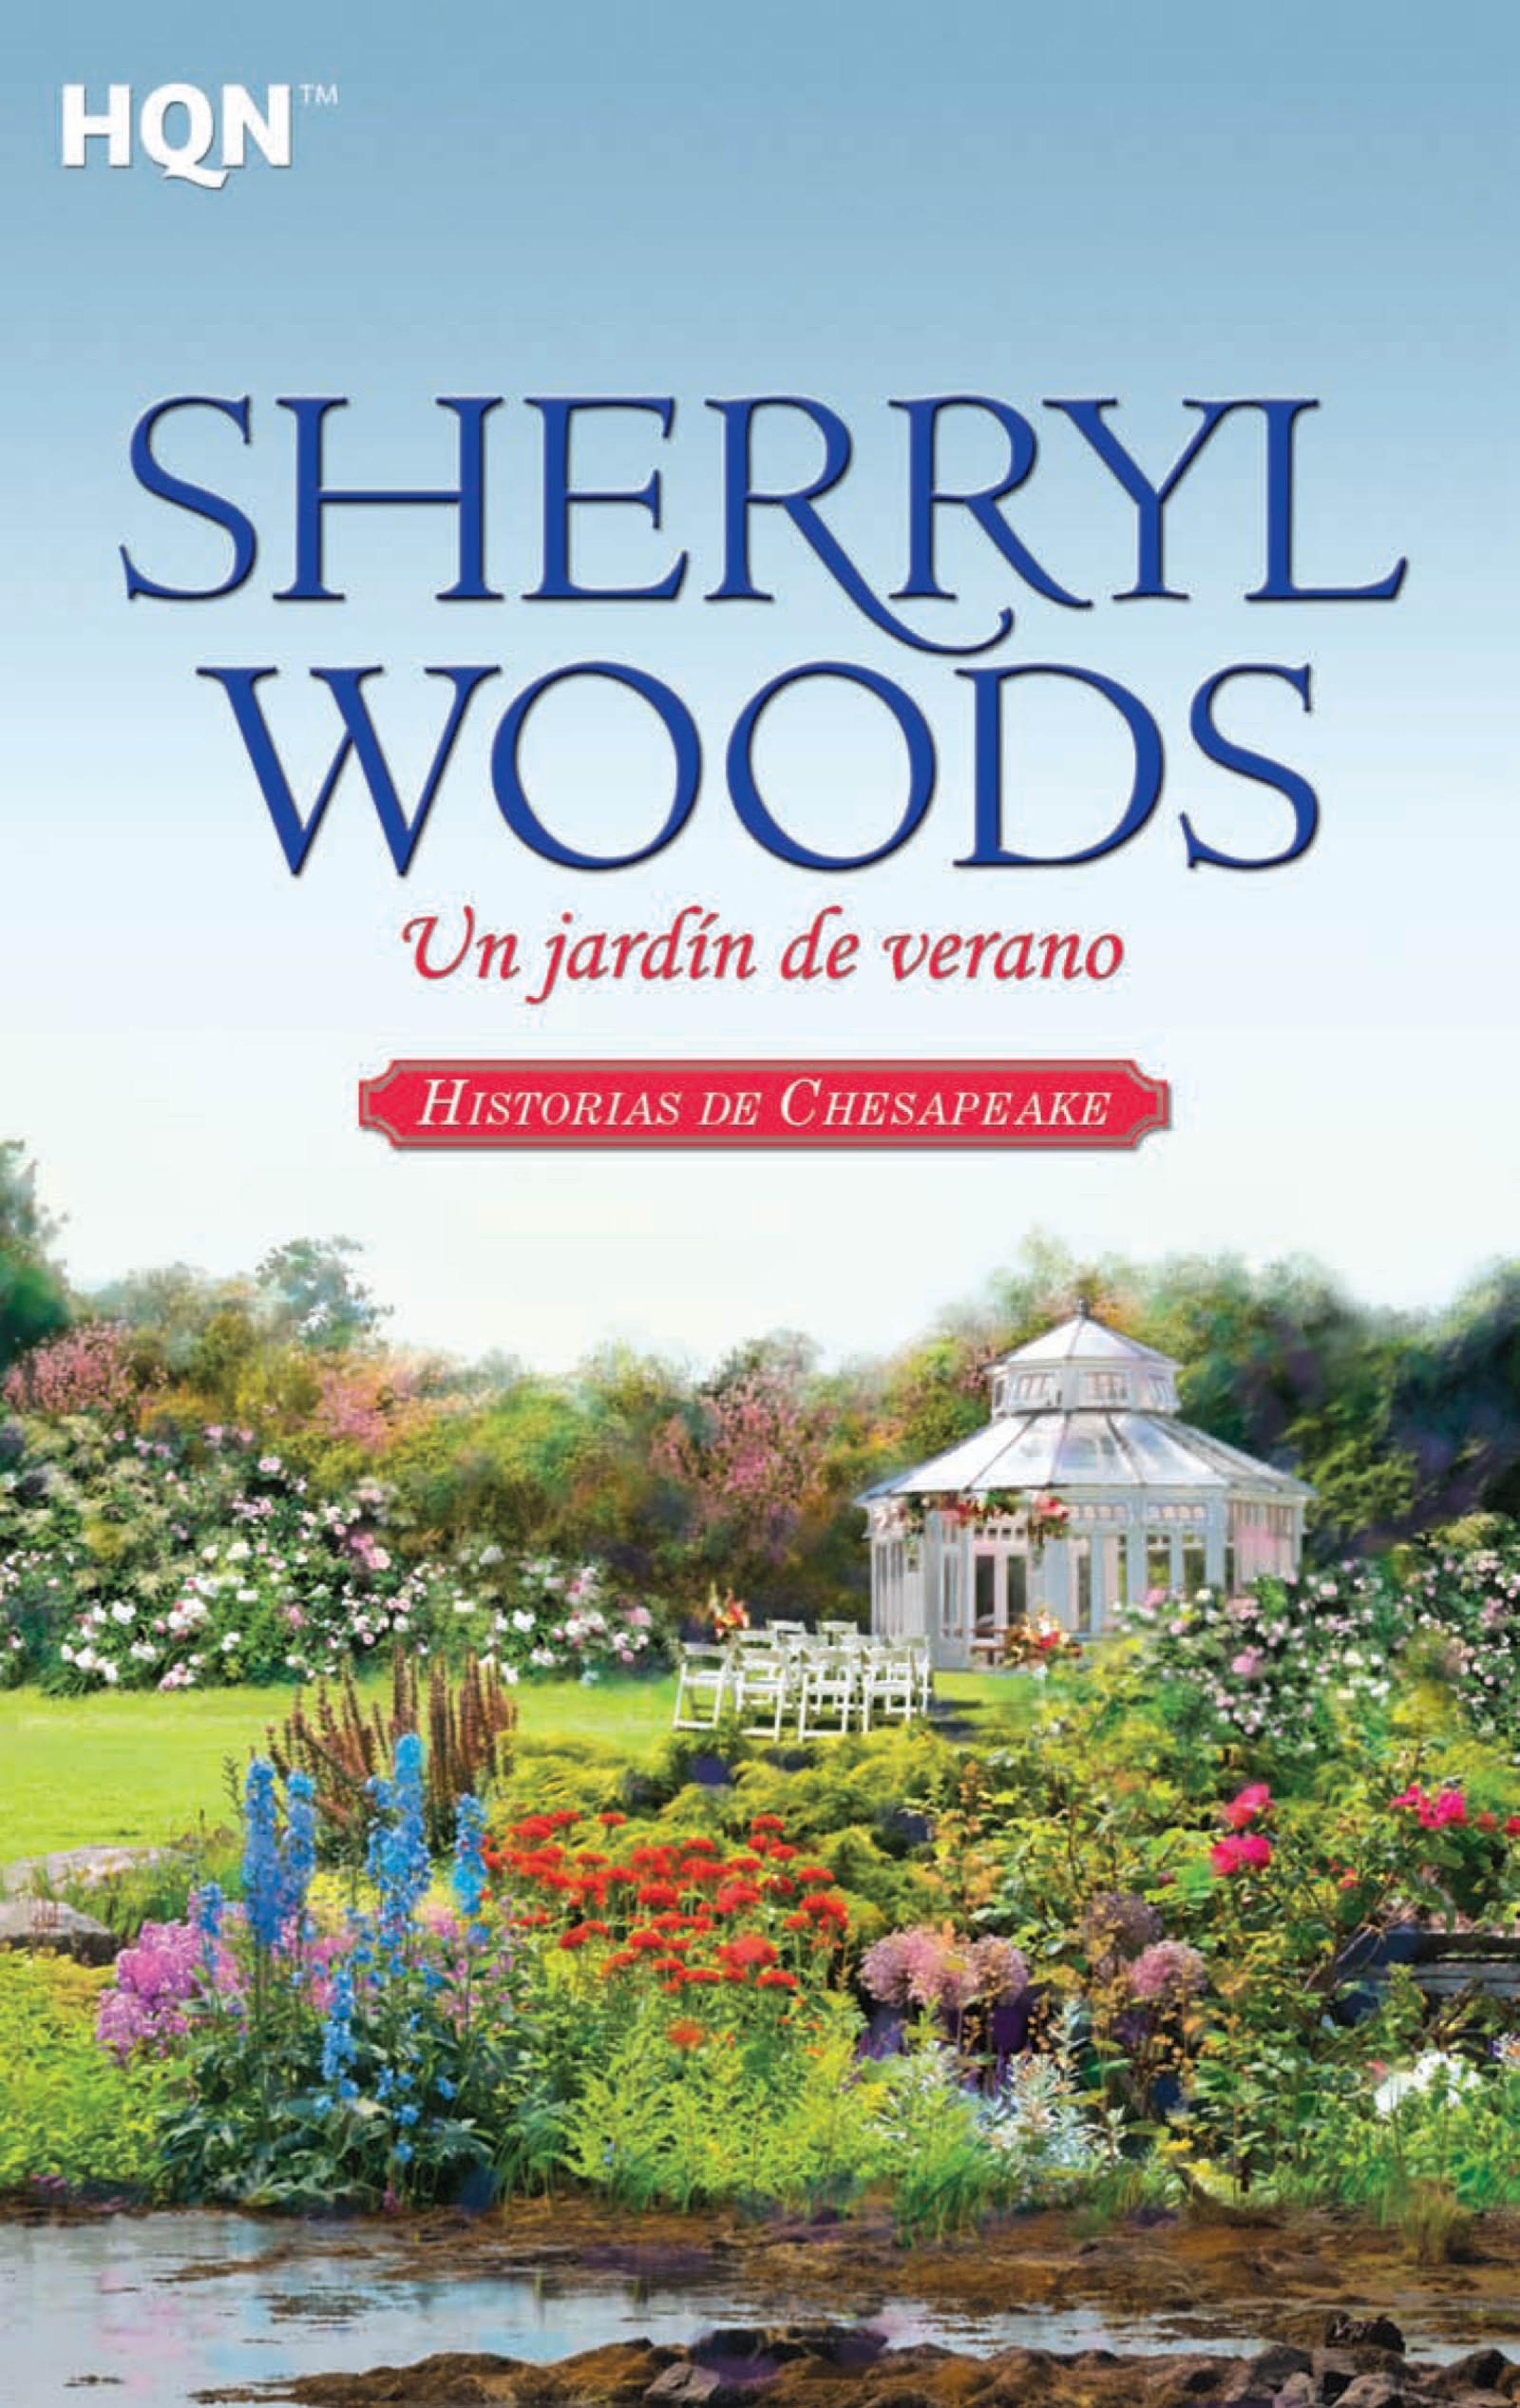 Un jardín de verano, Historias de chesapeake 09 - Sherryl Woods (Rom) Un-jardin-de-verano-ebook-9788468734224